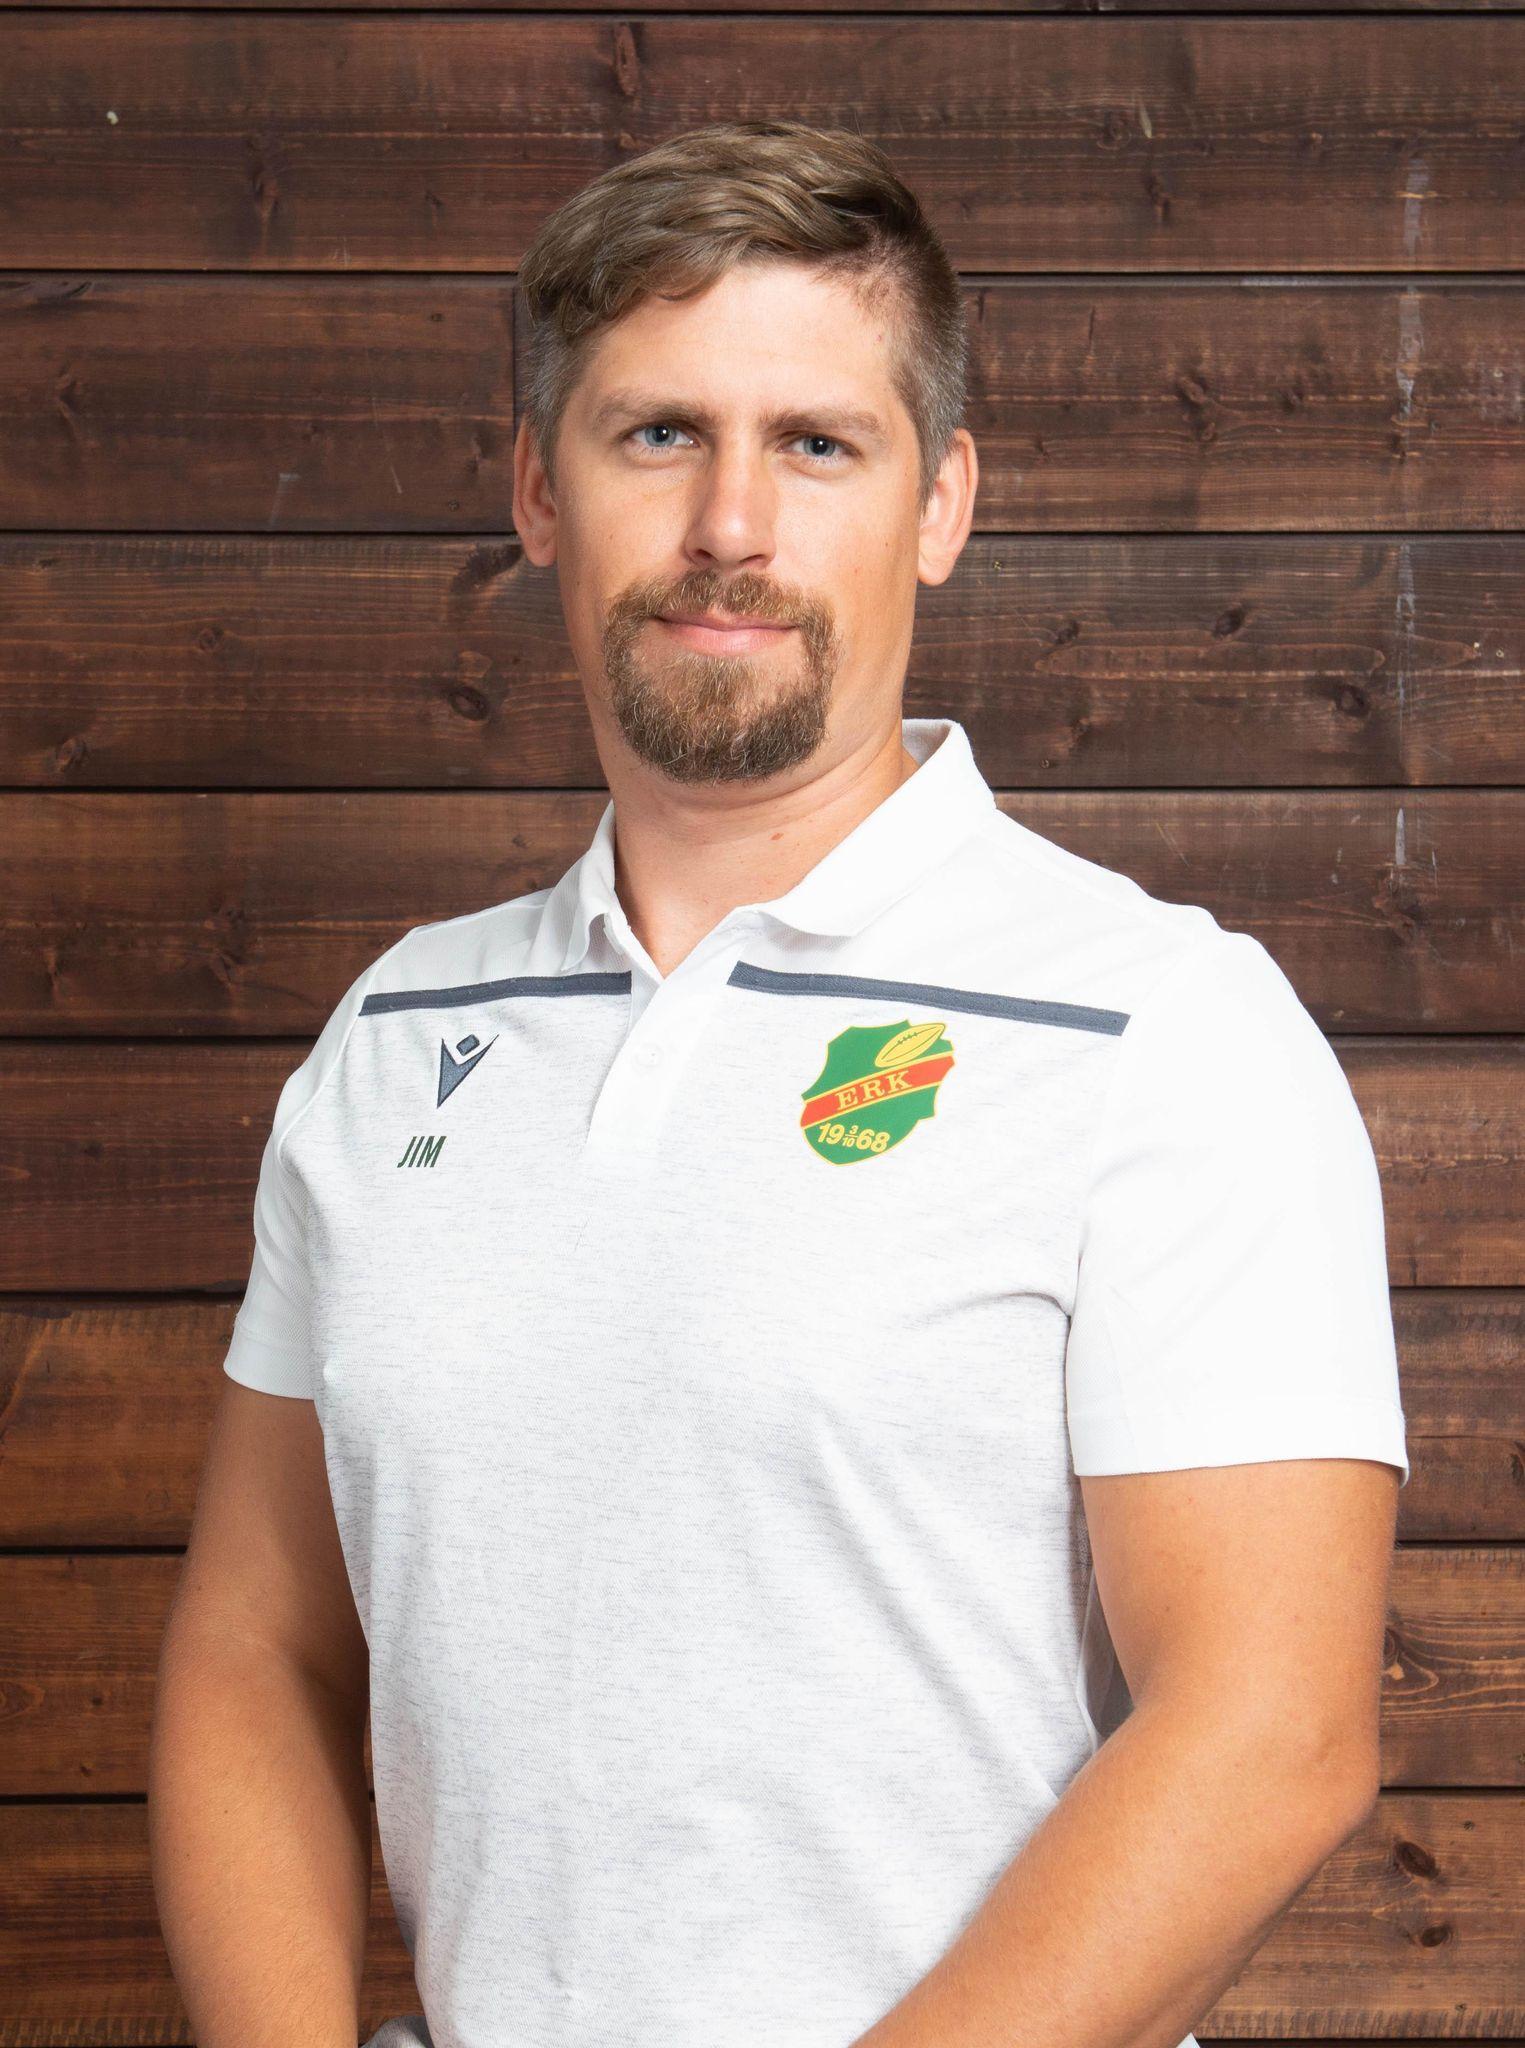 Jim Wetterström